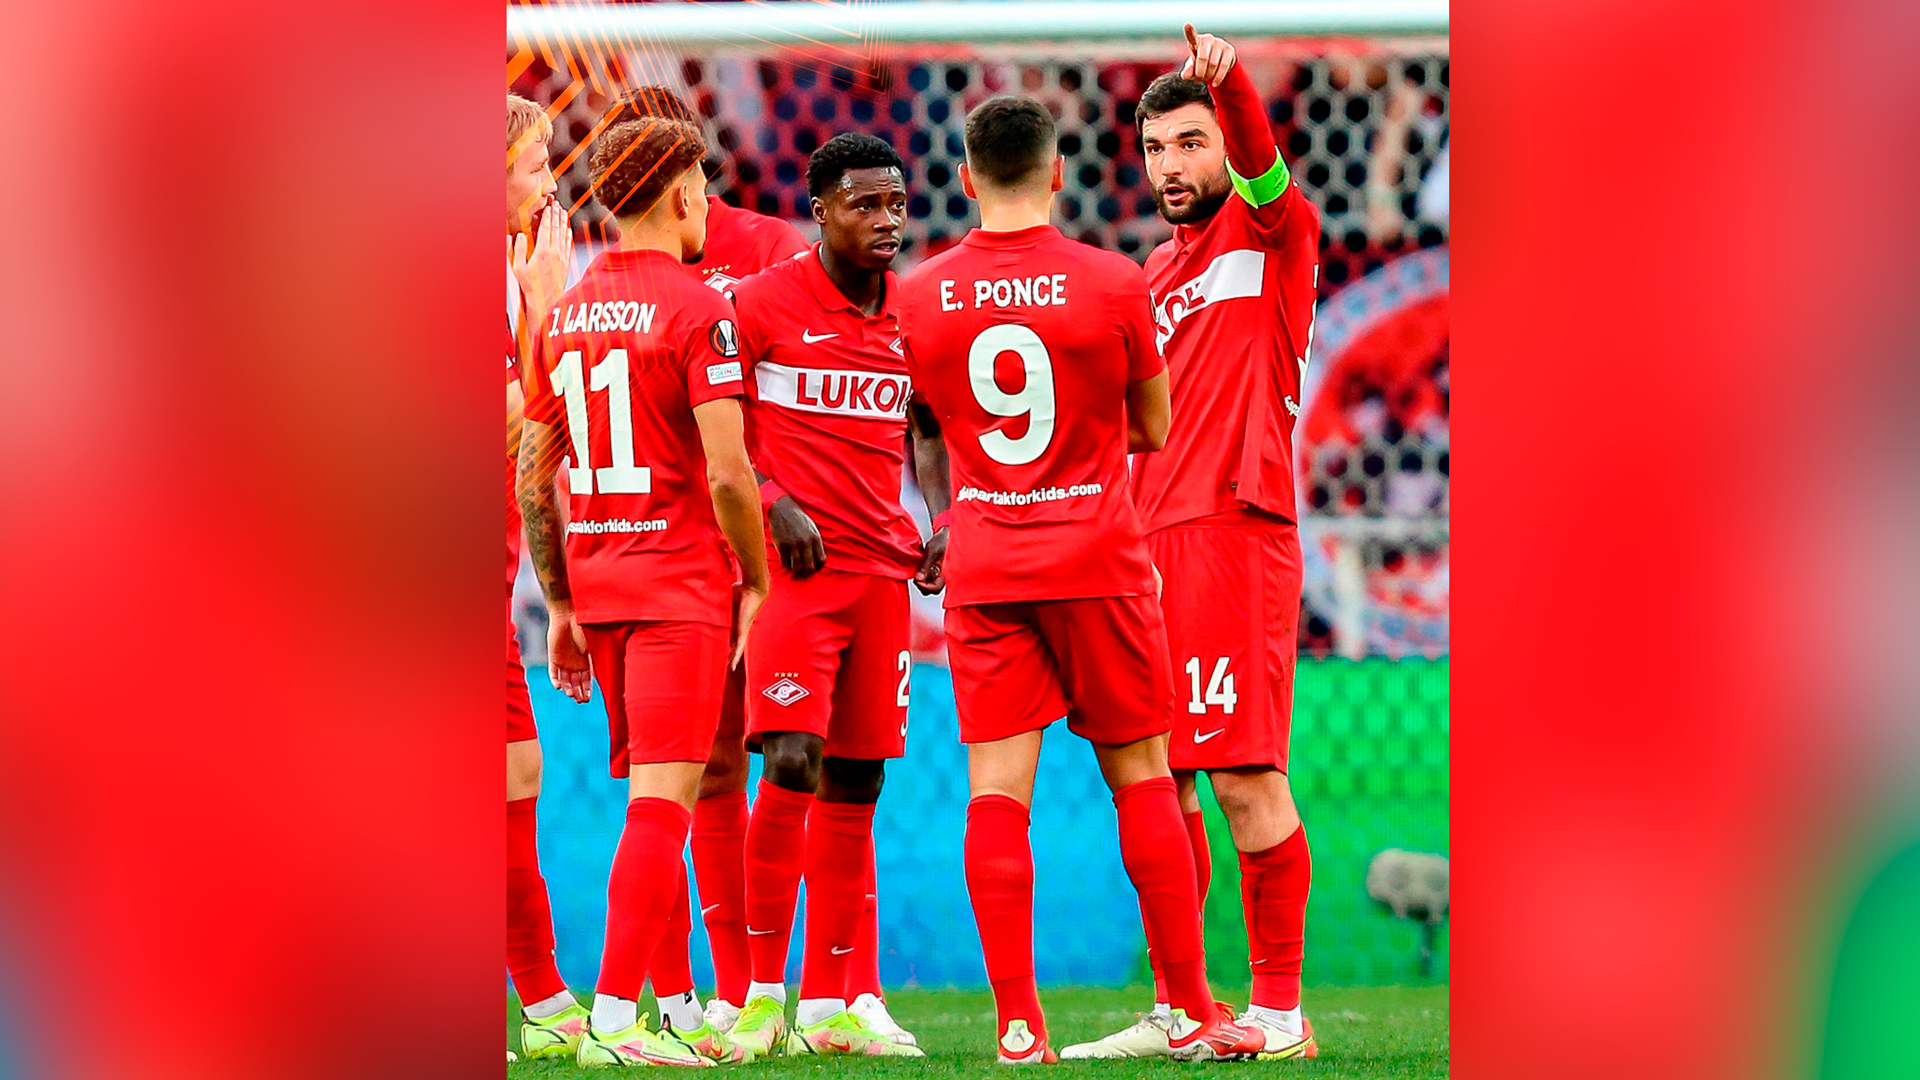 Грустный старт: Легия выиграла у Спартака в первом матче группового этапа Лиги Европы